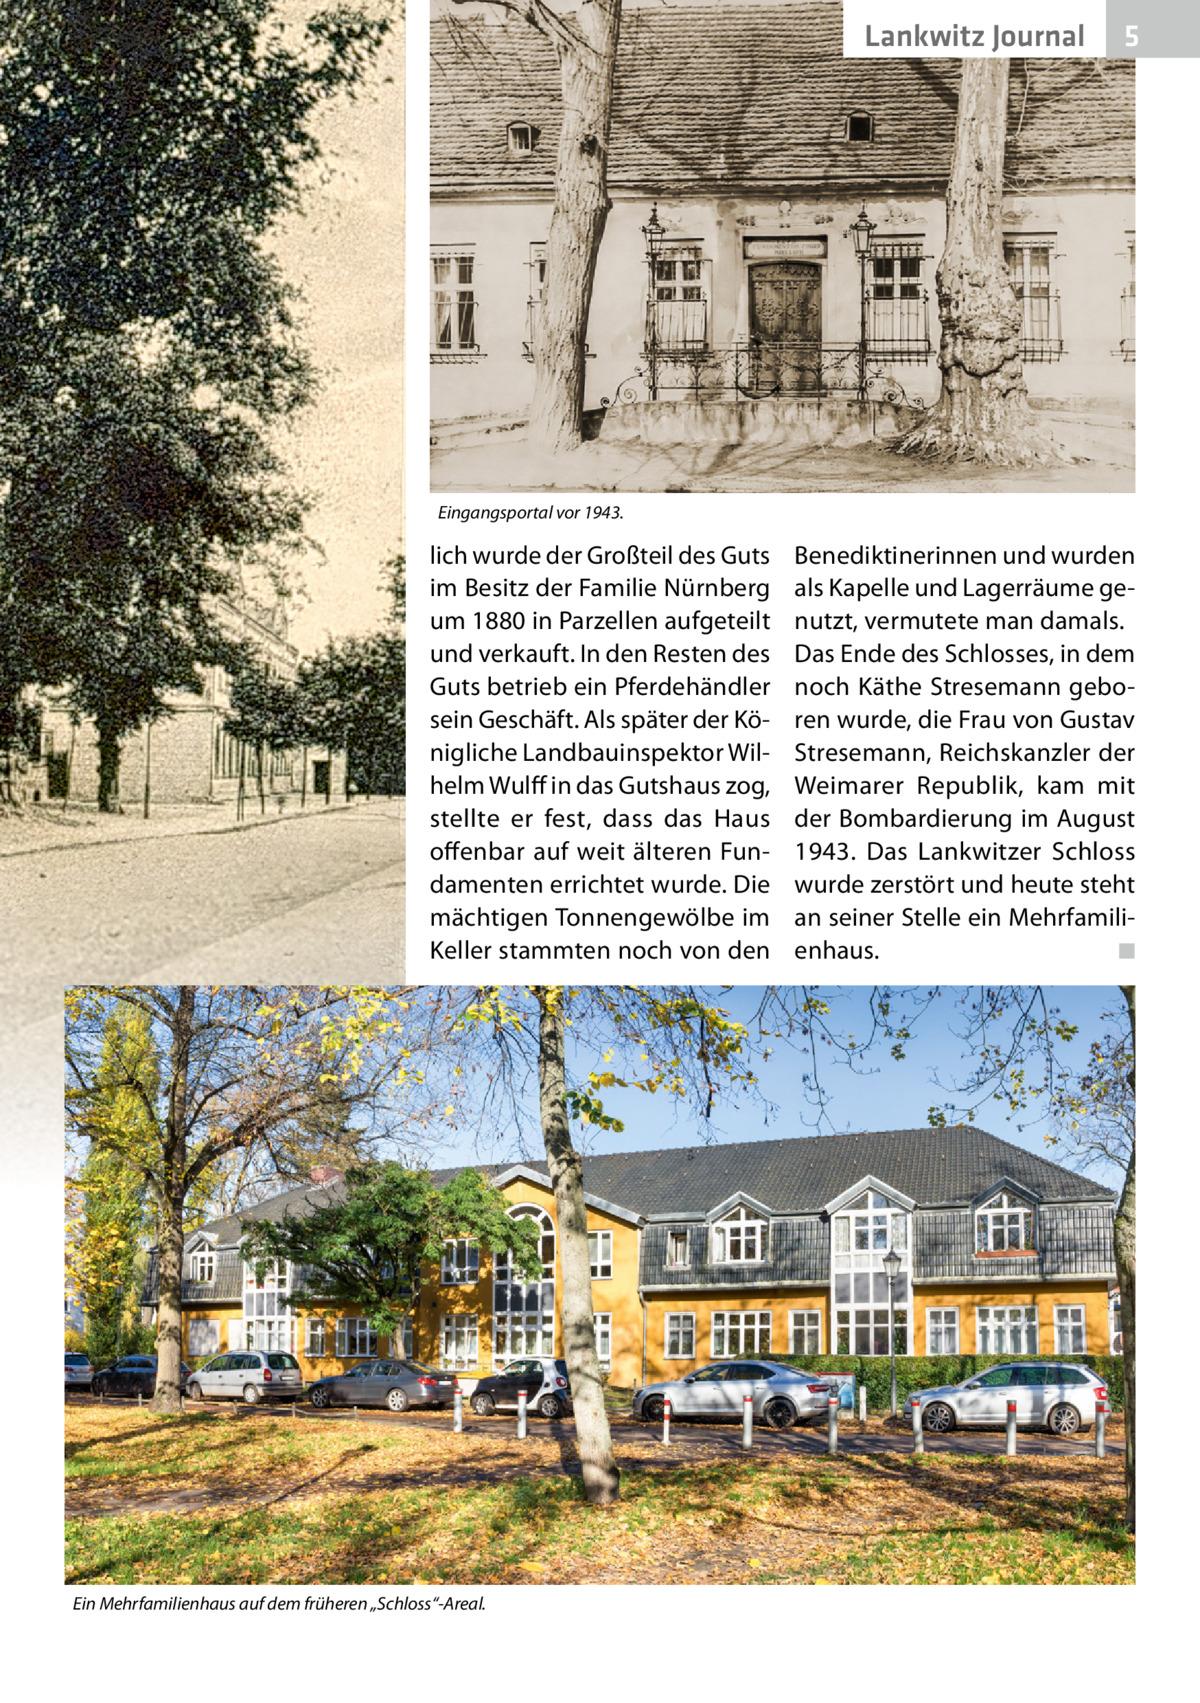 """Lankwitz Journal  5  Eingangsportal vor 1943.  lich wurde der Großteil des Guts im Besitz der Familie Nürnberg um 1880 in Parzellen aufgeteilt und verkauft. In den Resten des Guts betrieb ein Pferdehändler sein Geschäft. Als später der Königliche Landbauinspektor Wilhelm Wulff in das Gutshaus zog, stellte er fest, dass das Haus offenbar auf weit älteren Fundamenten errichtet wurde. Die mächtigen Tonnengewölbe im Keller stammten noch von den  Ein Mehrfamilienhaus auf dem früheren """"Schloss""""-Areal.  Benediktinerinnen und wurden als Kapelle und Lagerräume genutzt, vermutete man damals. Das Ende des Schlosses, in dem noch Käthe Stresemann geboren wurde, die Frau von Gustav Stresemann, Reichskanzler der Weimarer Republik, kam mit der Bombardierung im August 1943. Das Lankwitzer Schloss wurde zerstört und heute steht an seiner Stelle ein Mehrfamilienhaus. ◾"""